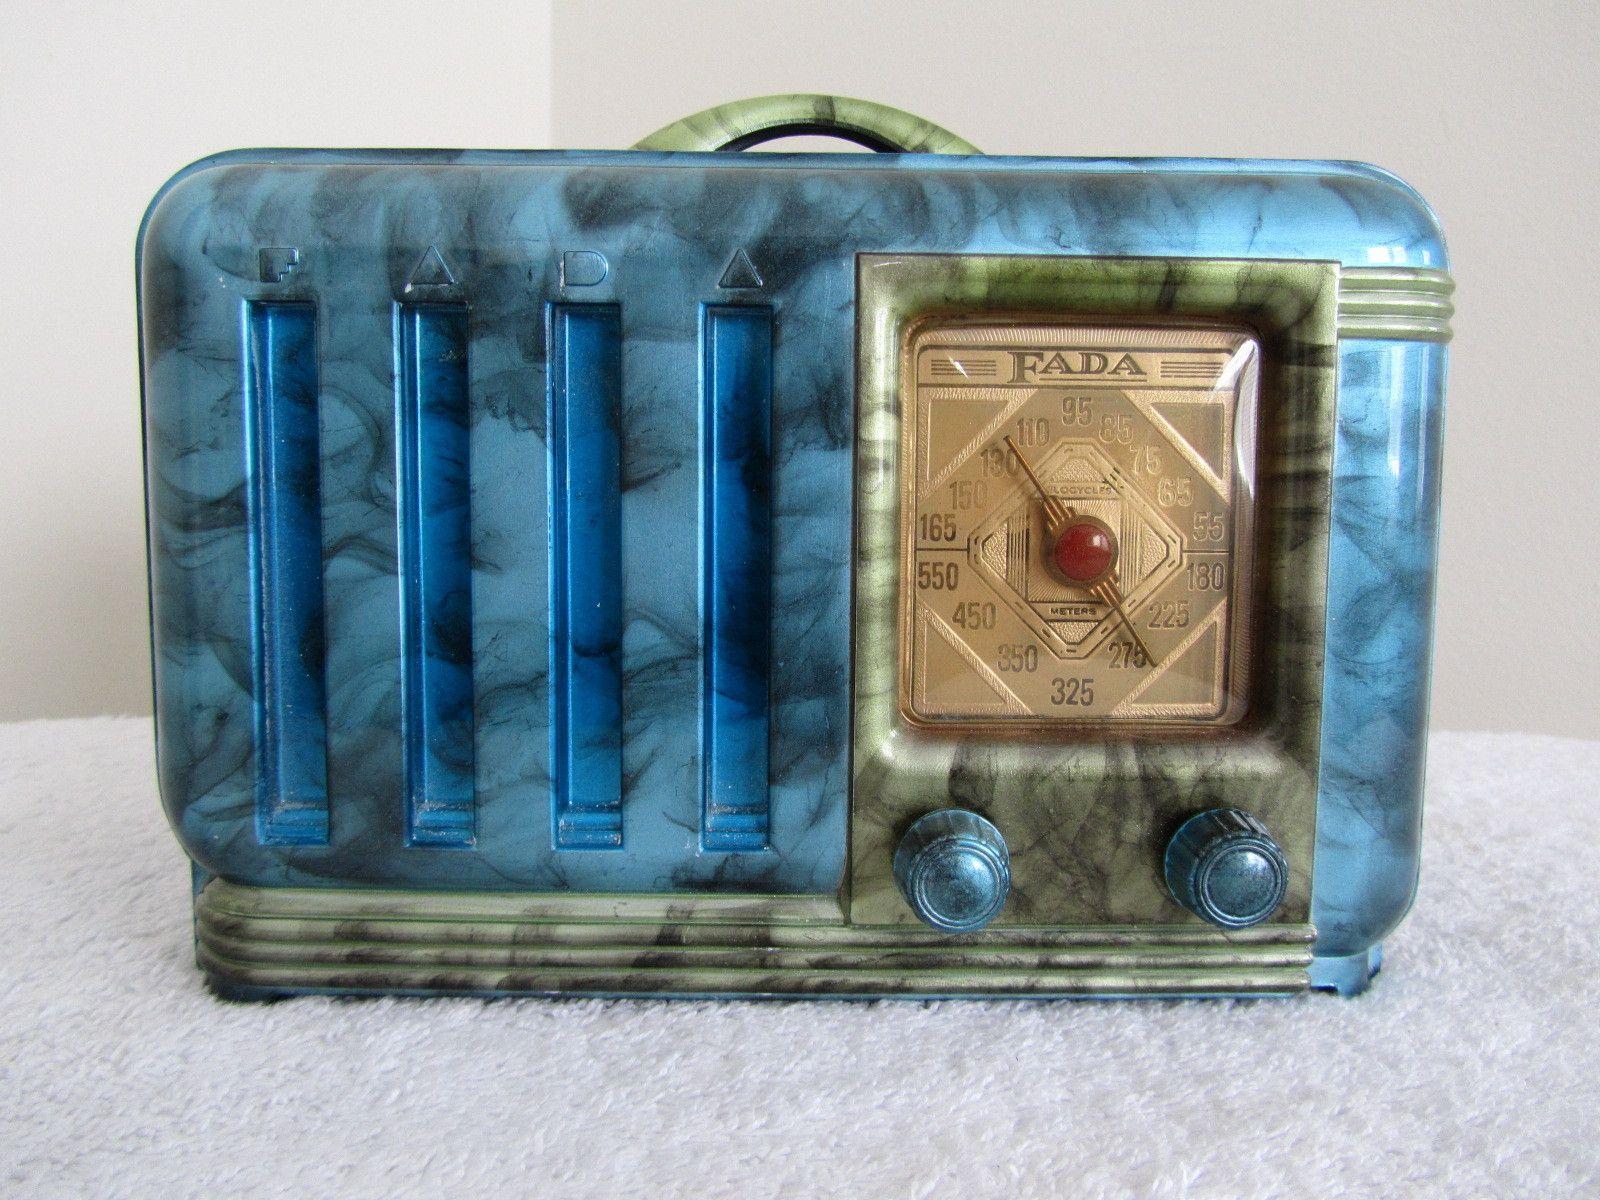 VINTAGE 1940s FADA ART DECO OLD BAKELITE RADIO | Cool stuff ...